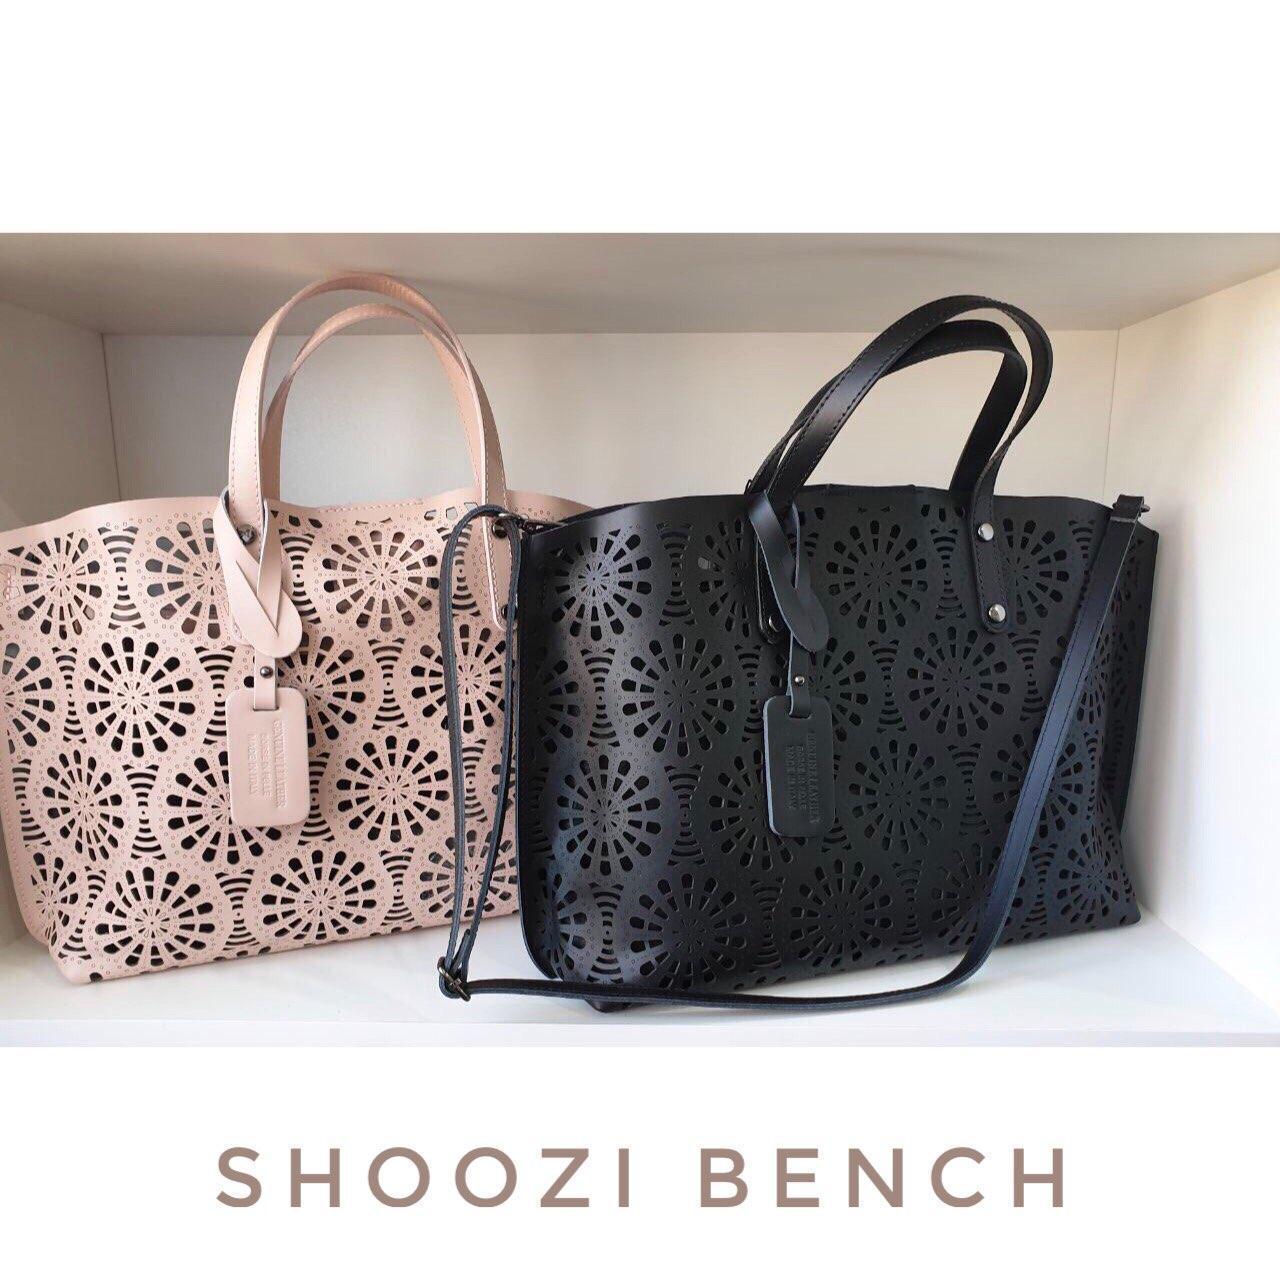 7035e9889667 Женская сумка-шопер из натуральной кожи Италия черная - Shoozi Bench в  Харькове